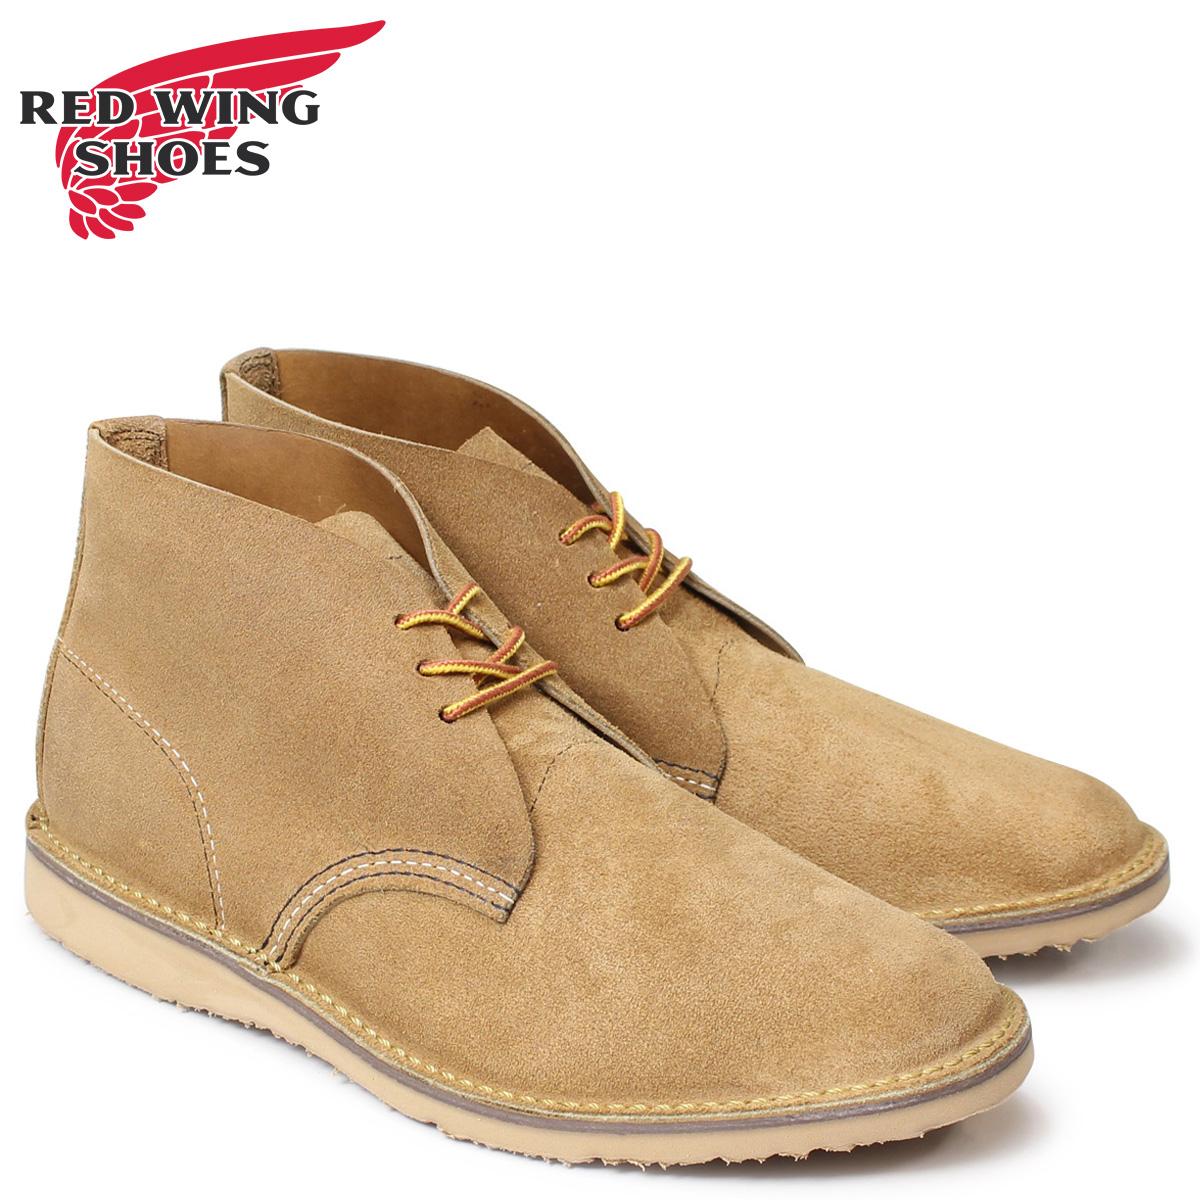 レッドウィング RED WING ブーツ 3321 チャッカブーツ WEEKENDER CHUKKA Dワイズ メンズ